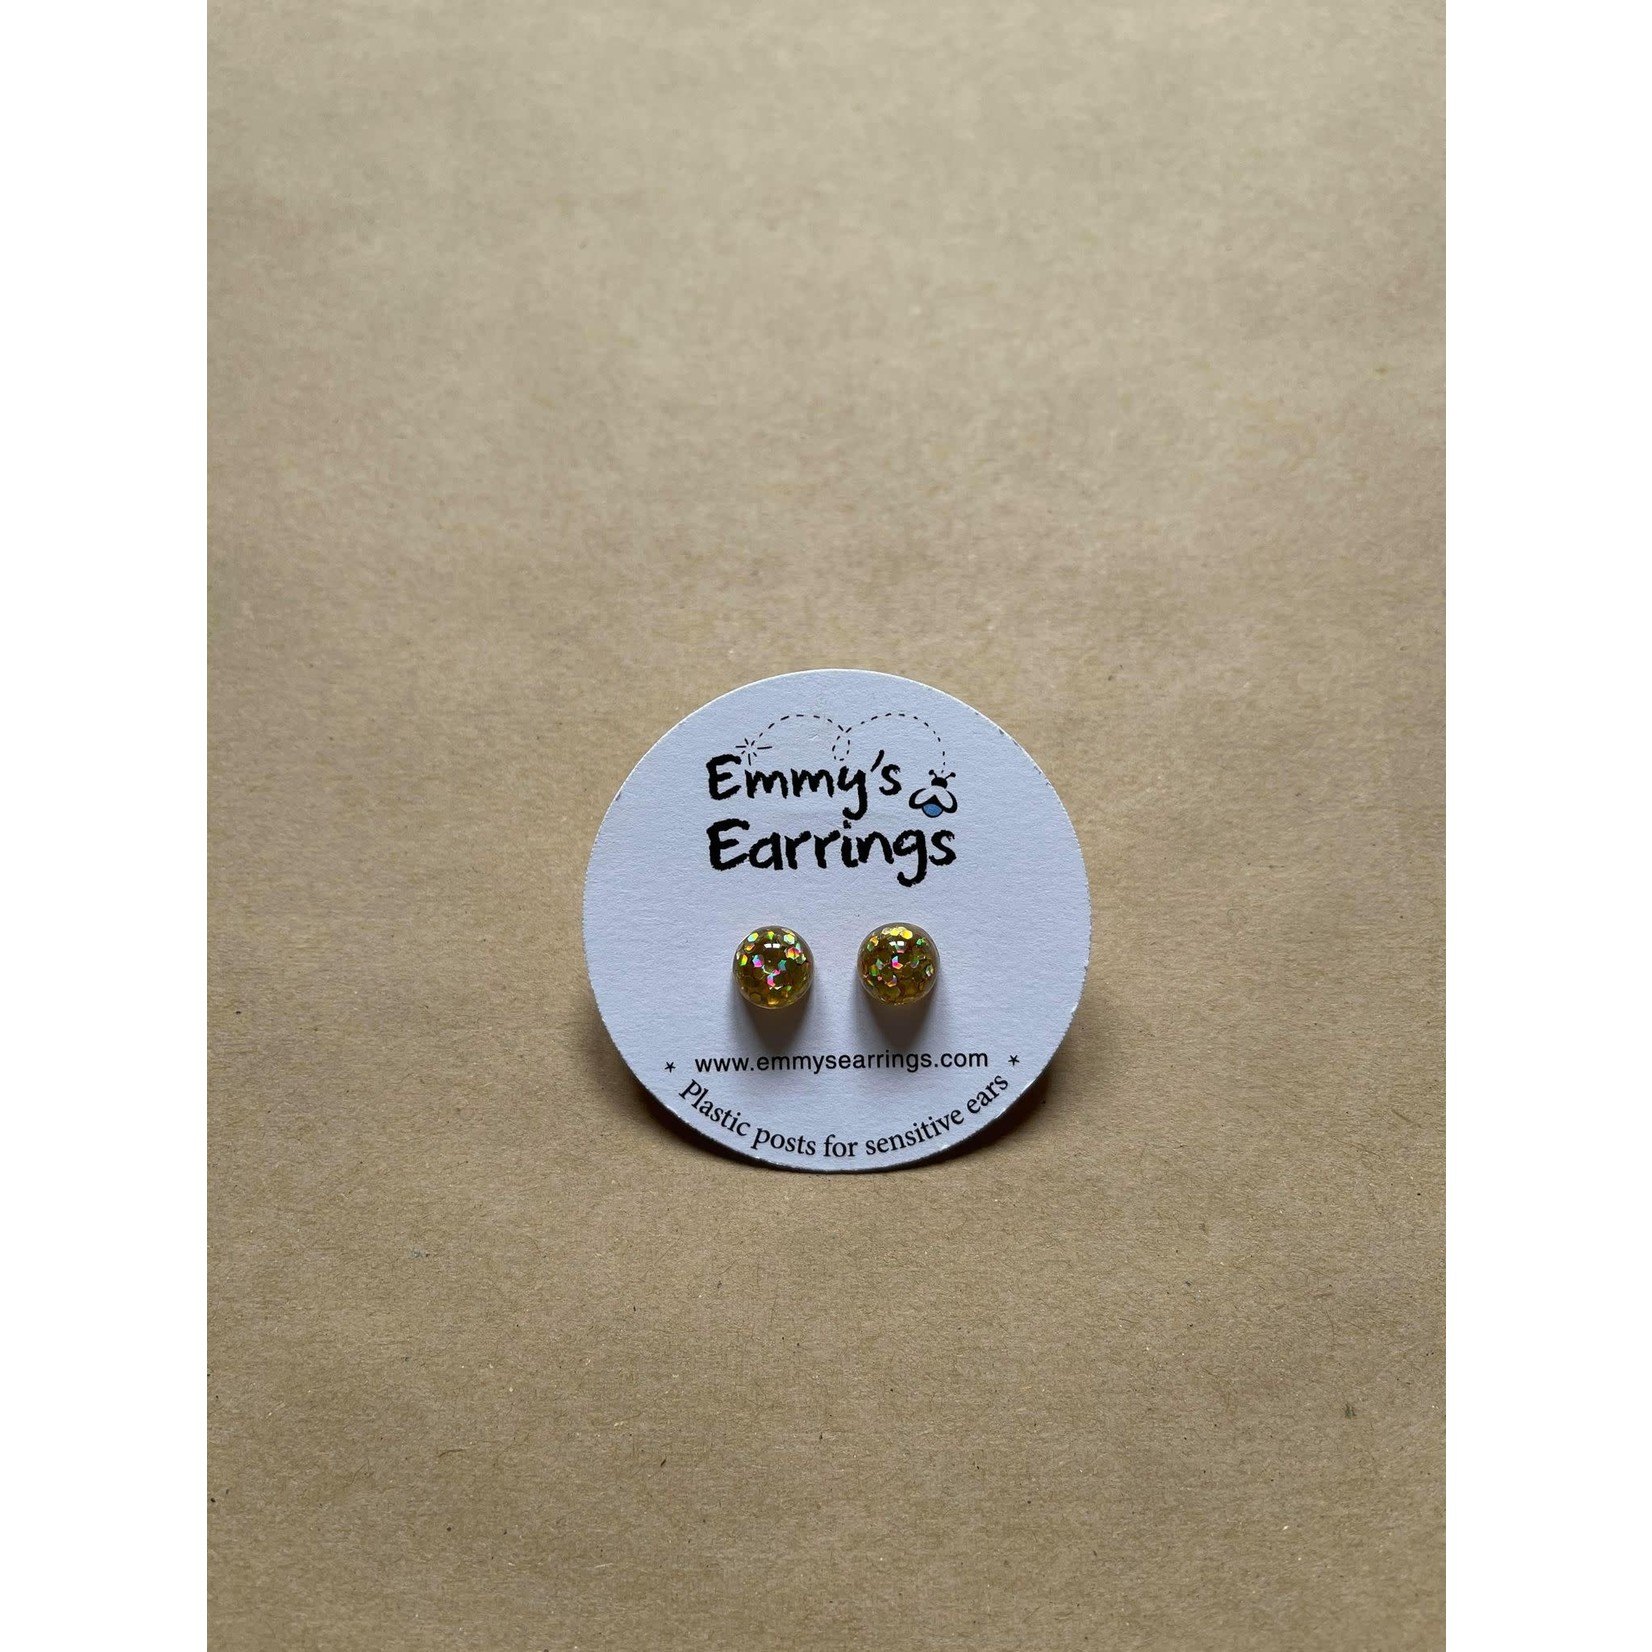 Emmy's Earrings Gold sparkly Emmy's earrings